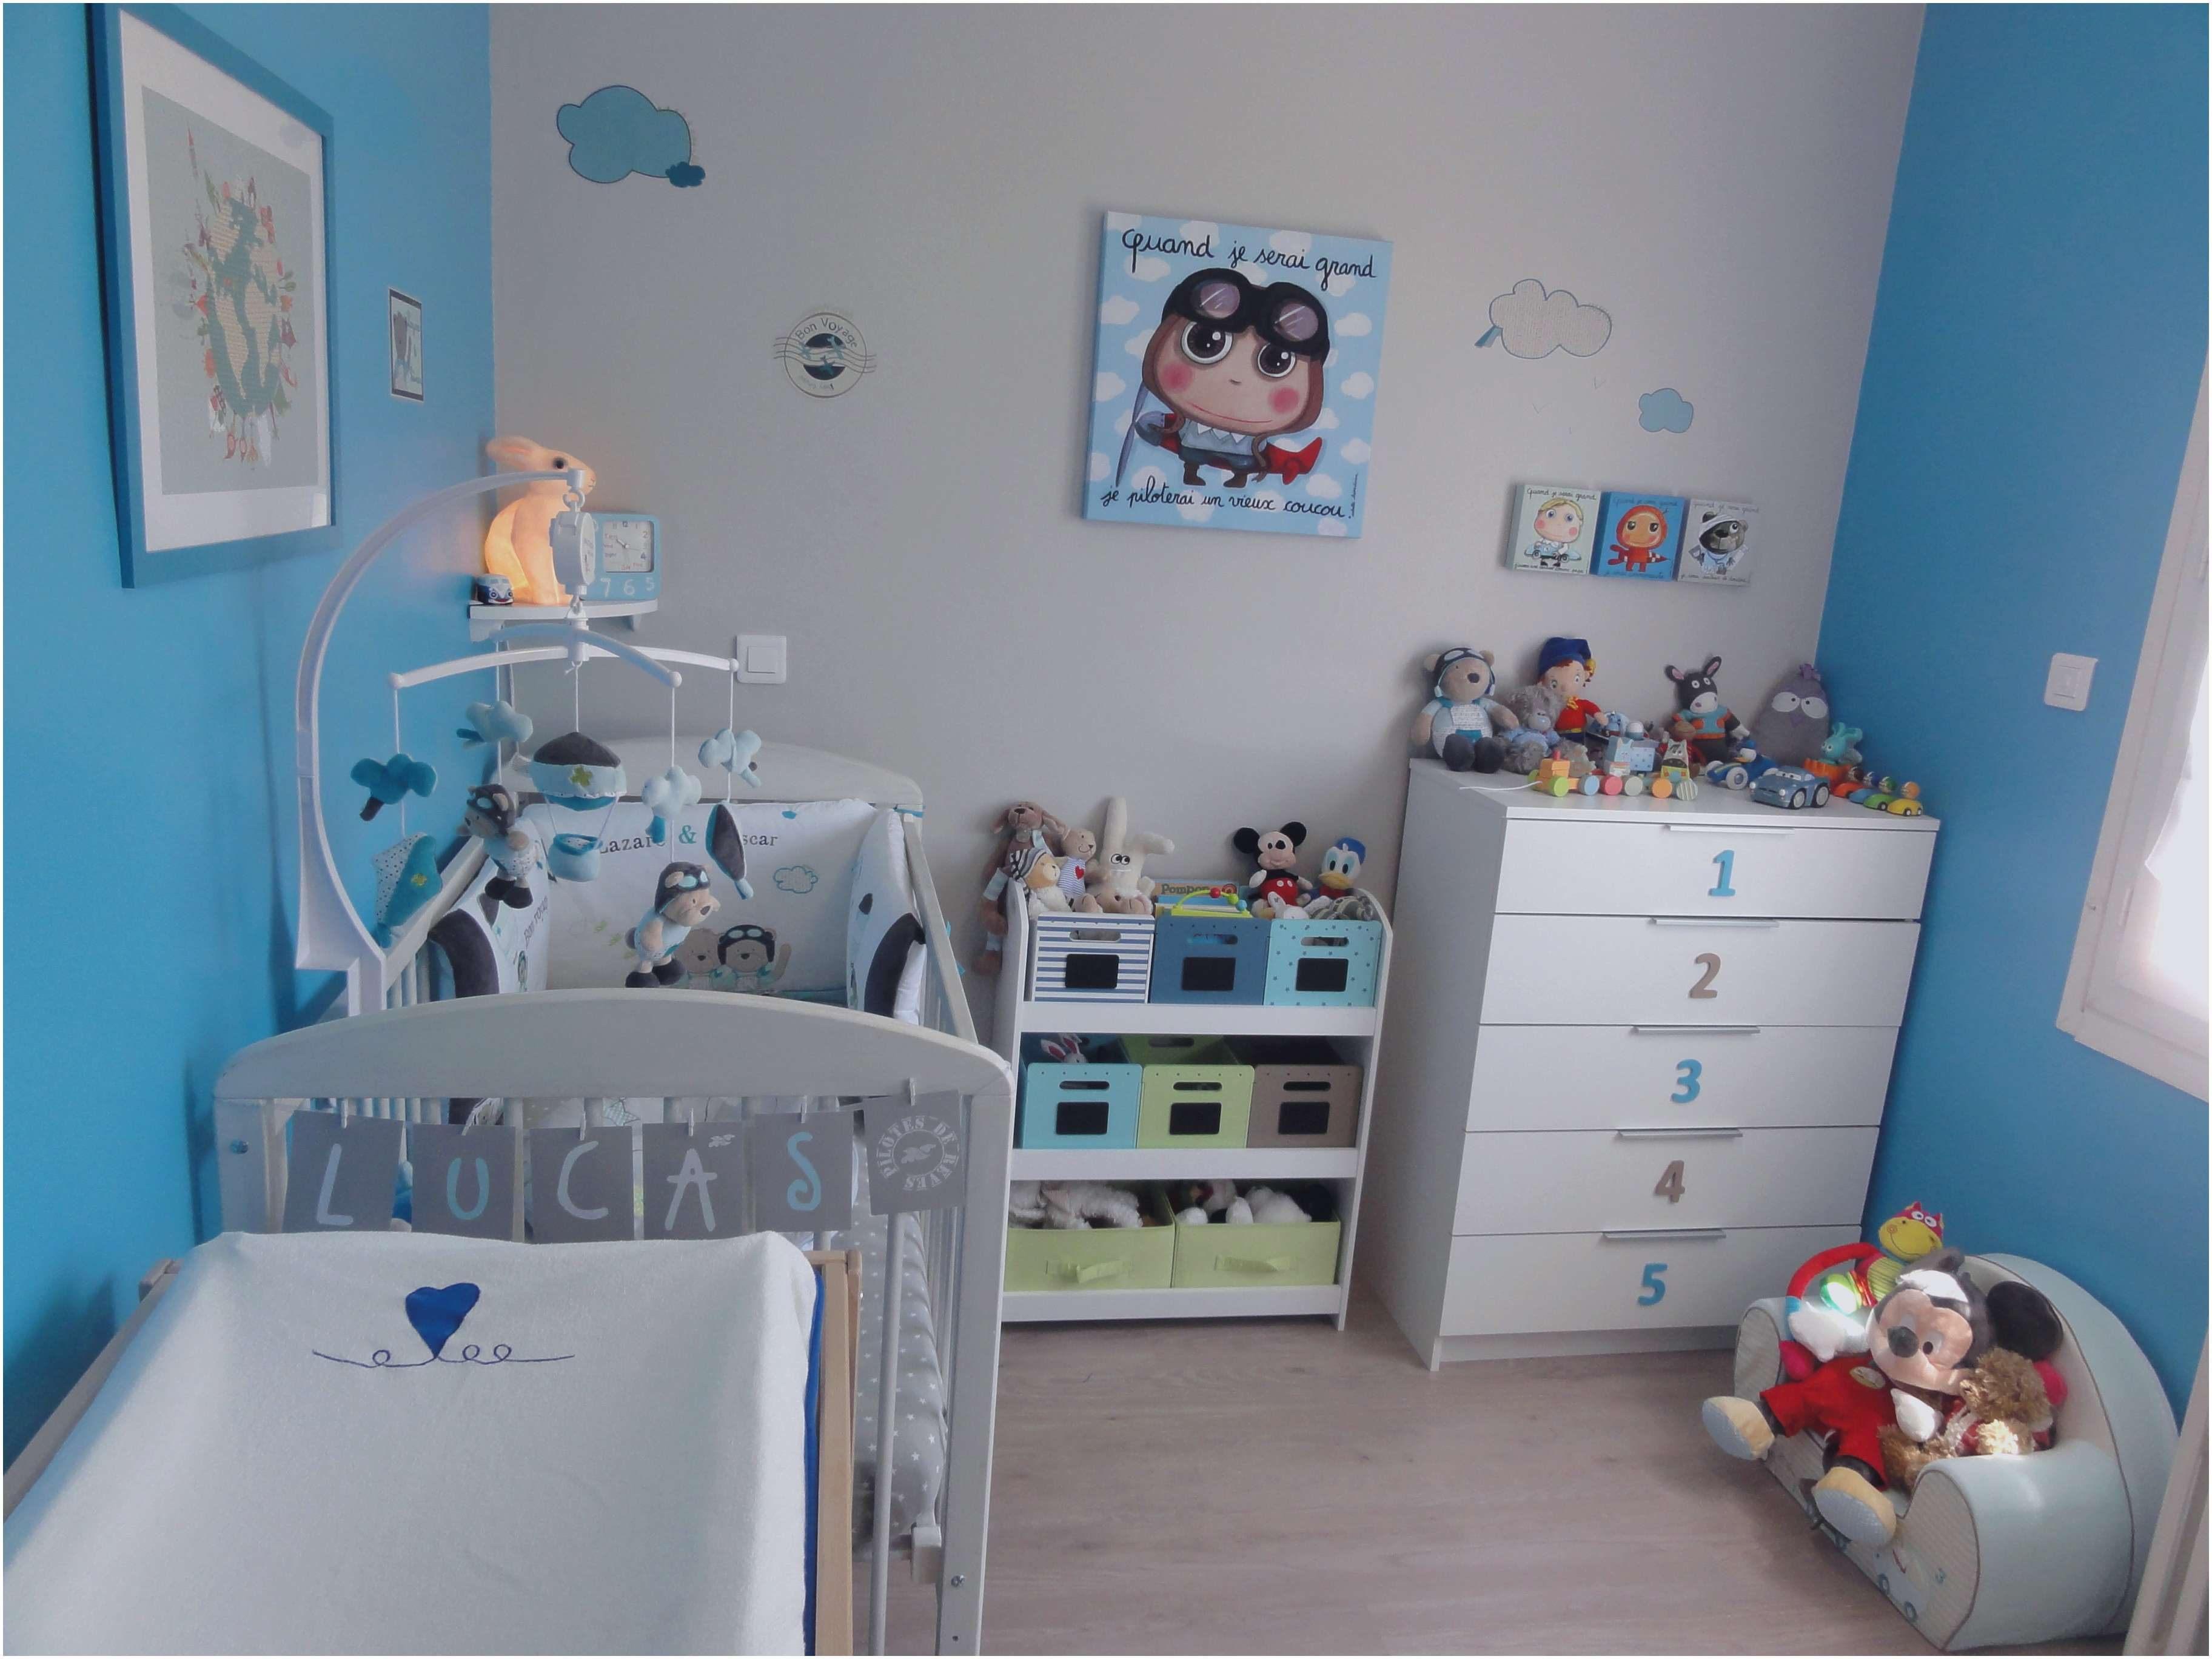 Matelas Pour Lit Bébé Impressionnant Luxe Drap Lit Bébé Housse Matelas Bébé Frais Parc B C3 A9b C3 A9